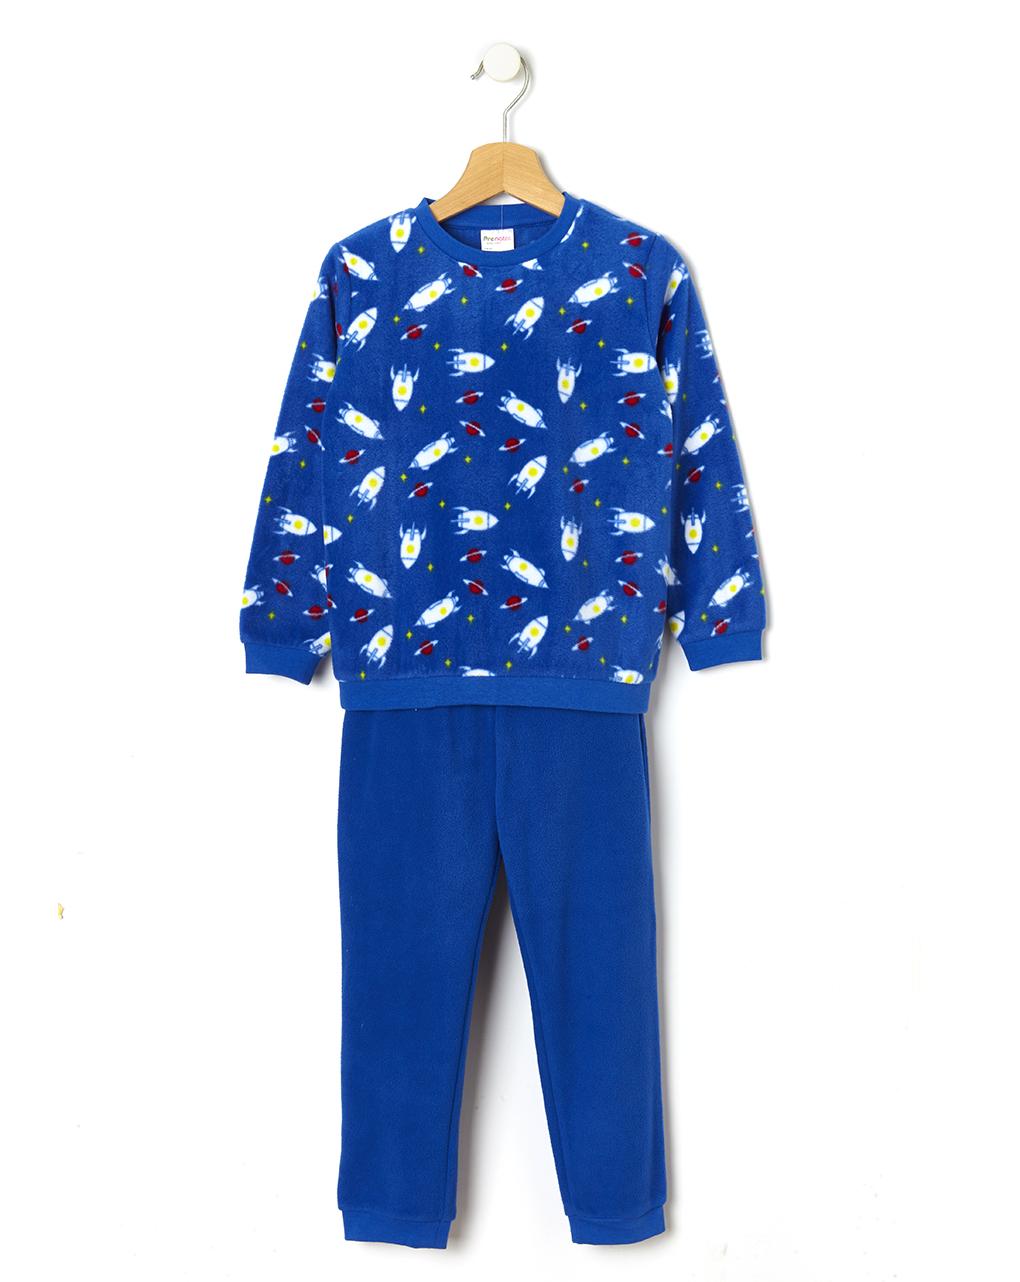 Πιτζάμα Fleece με Στάμπα Διάστημα για Αγόρι